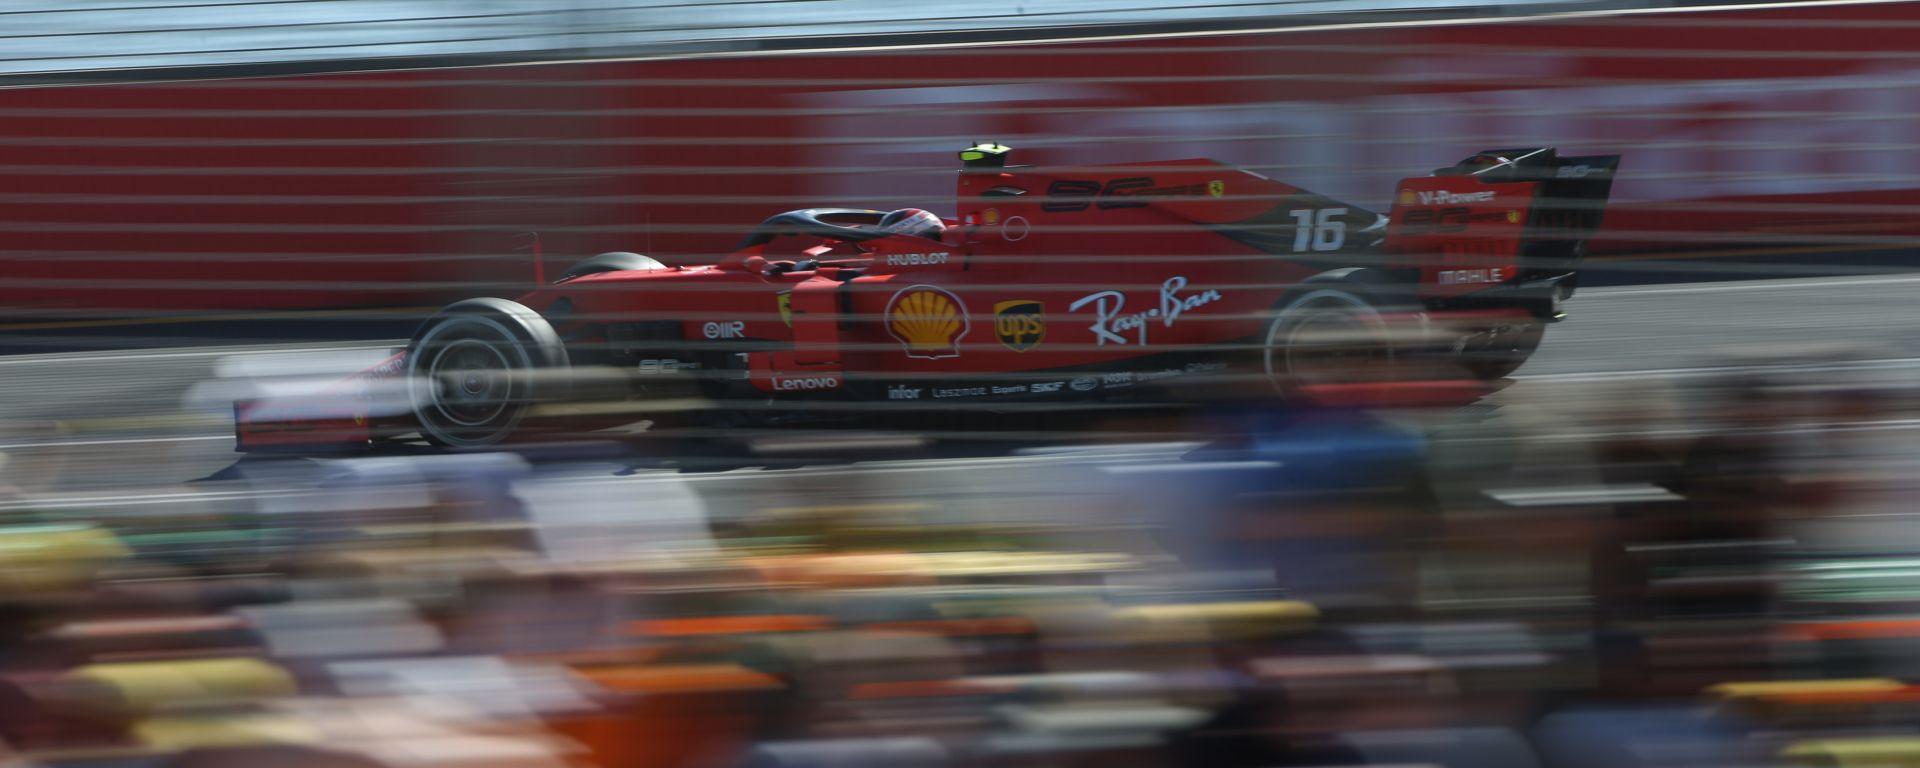 La Ferrari di Charles Leclerc tra le curve del tracciato di Melbourne